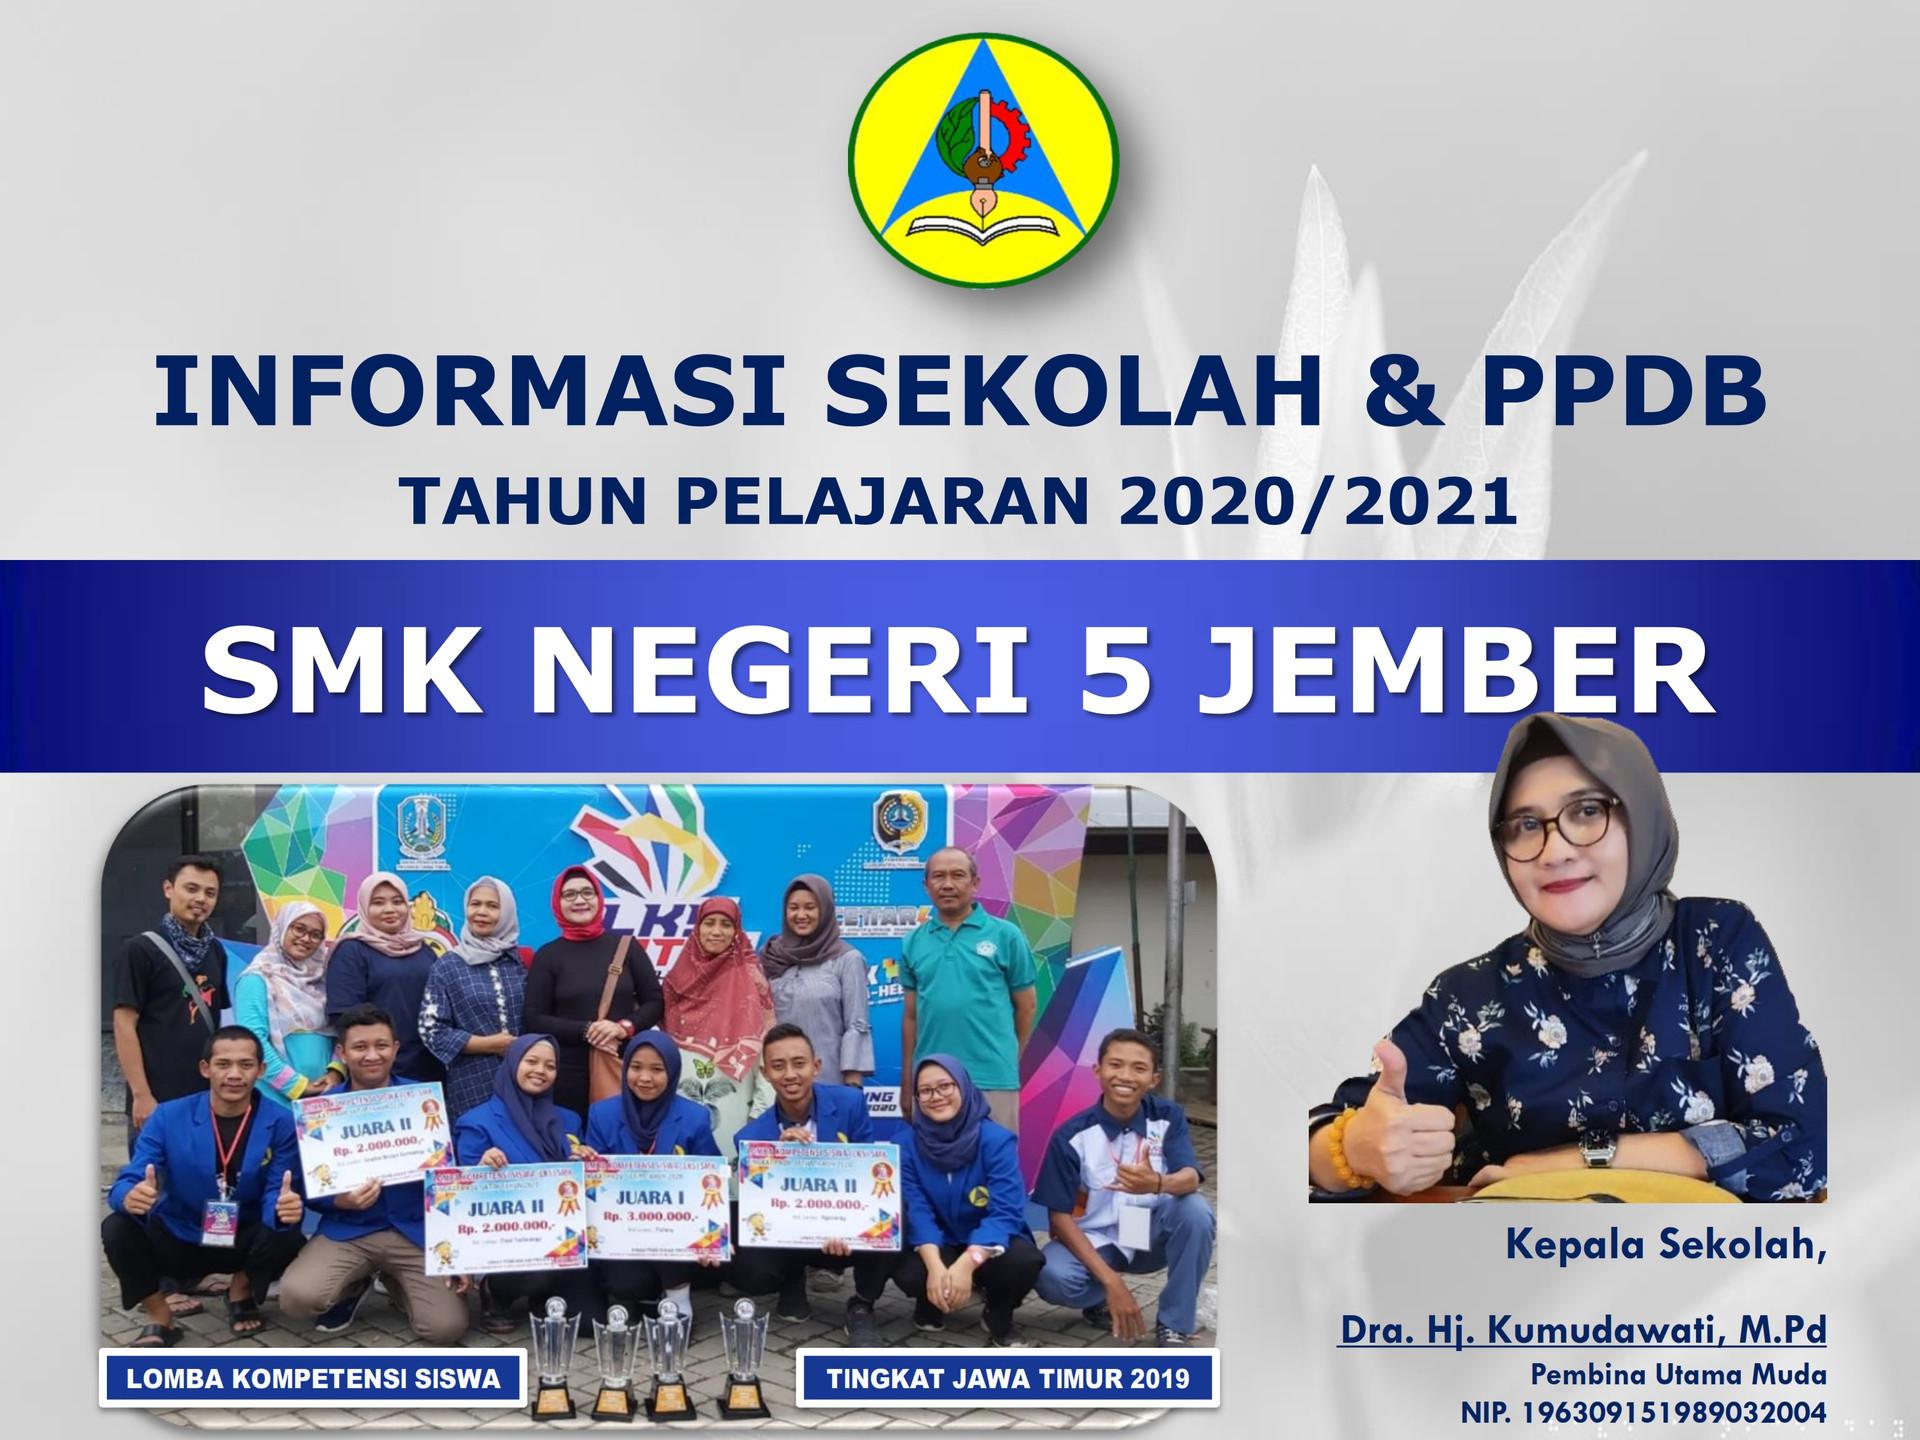 @Profil & PPDB2020 SMKN 5 Jbr_001.jpg